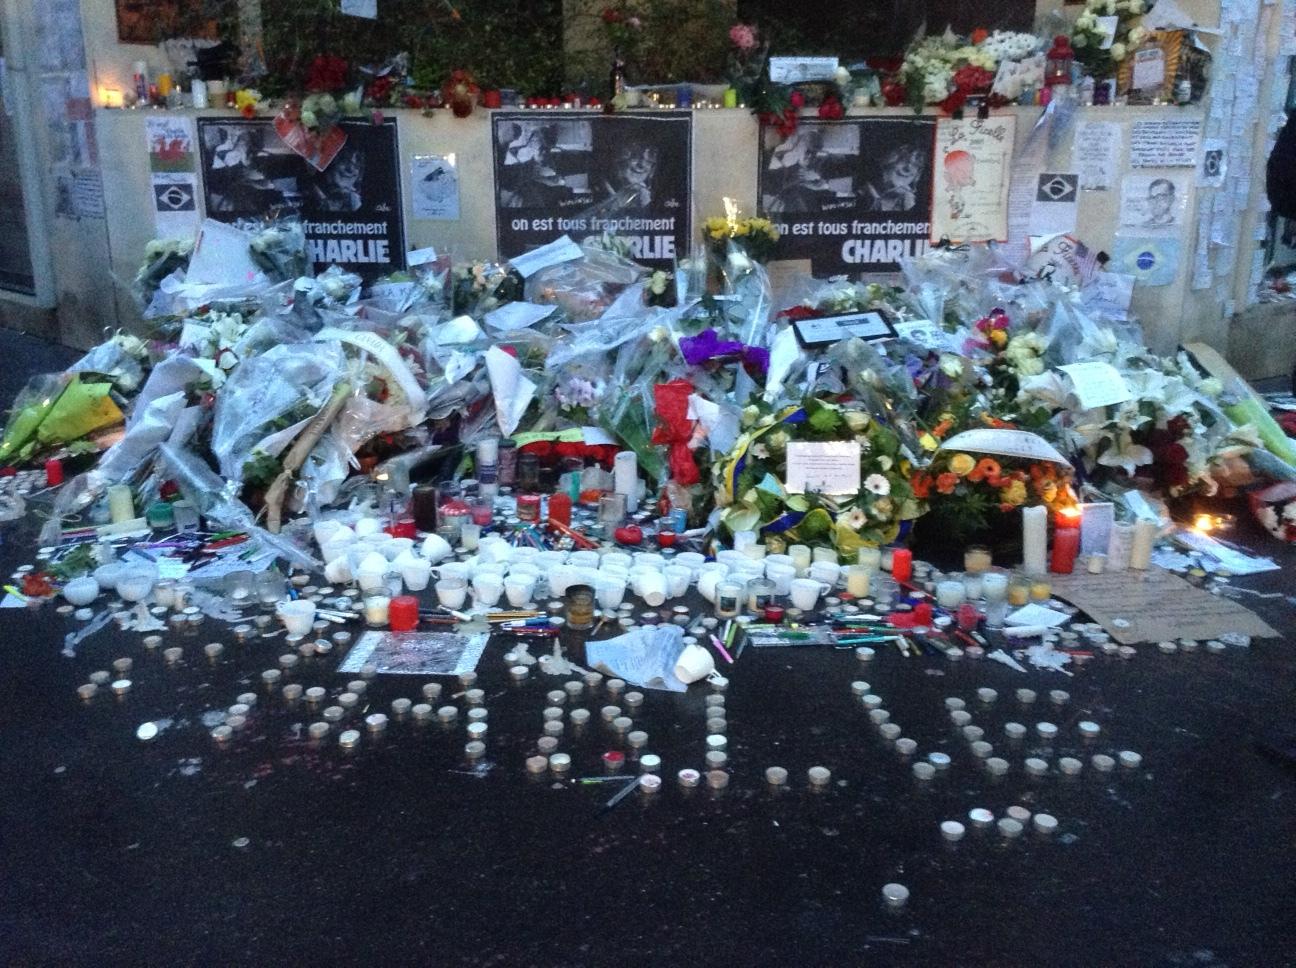 Fiori, candele e messaggi a pochi passi dalla sede di Charlie Hebdo